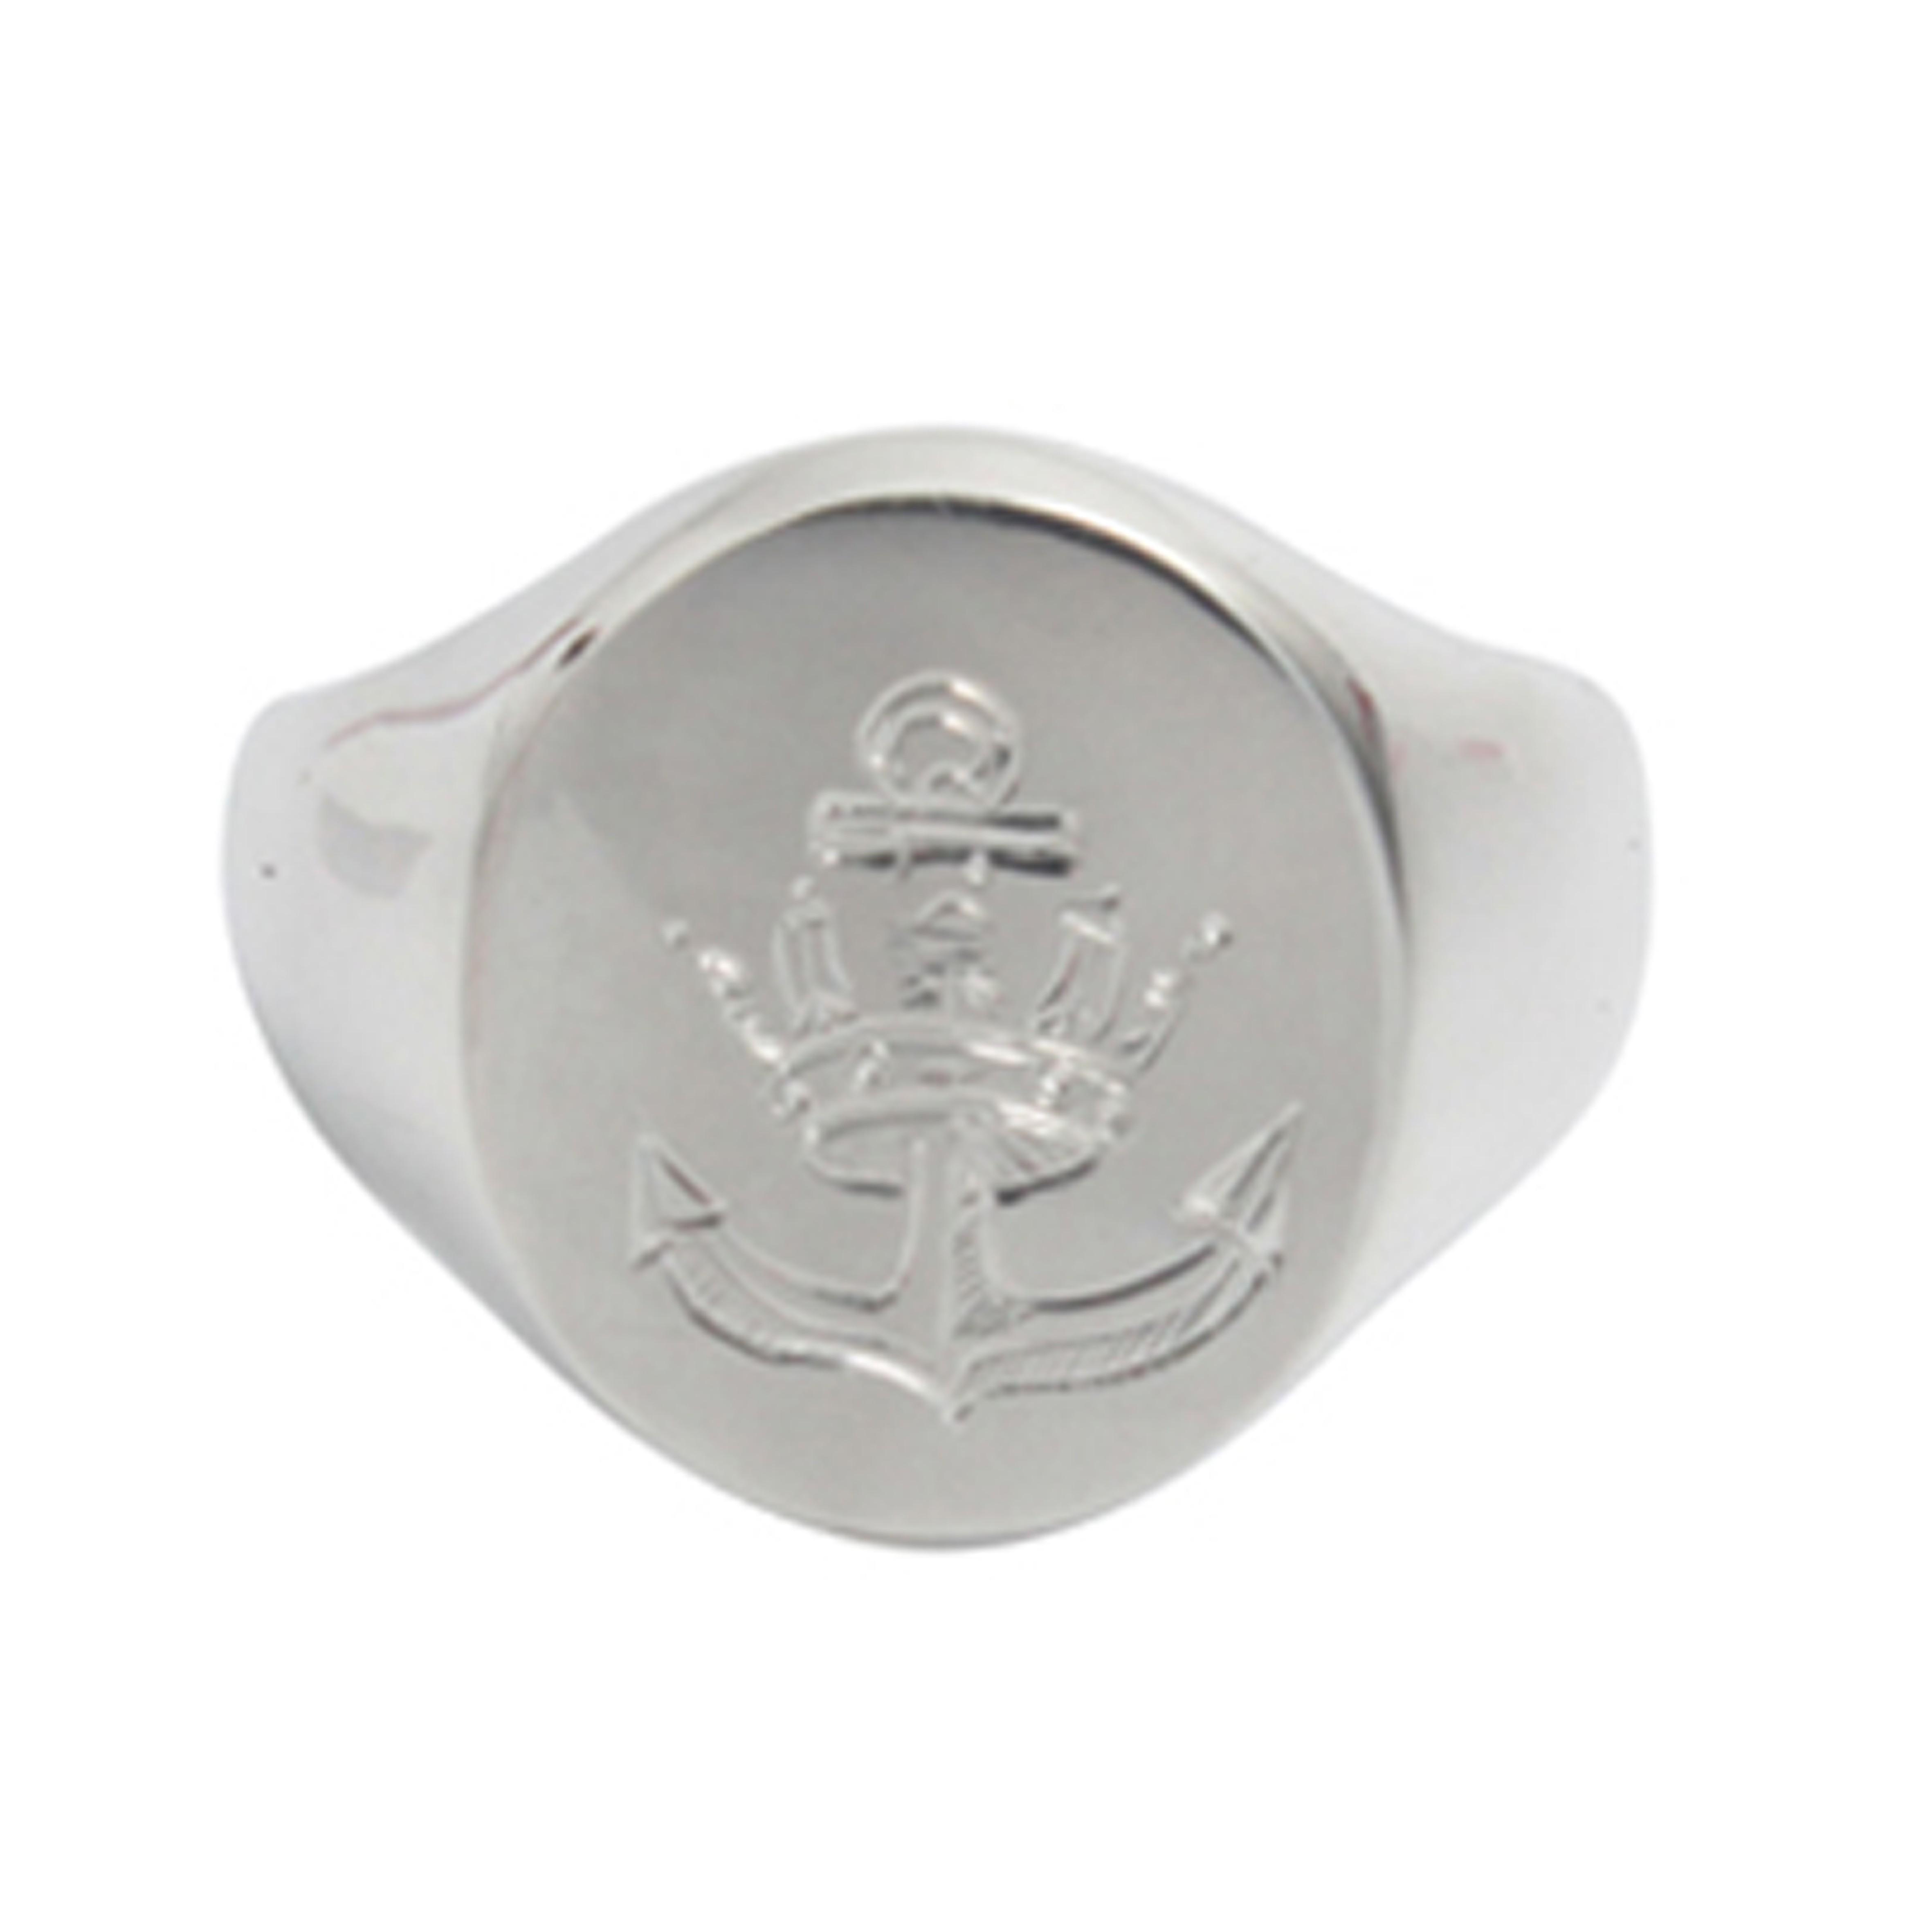 Anchor silver signet